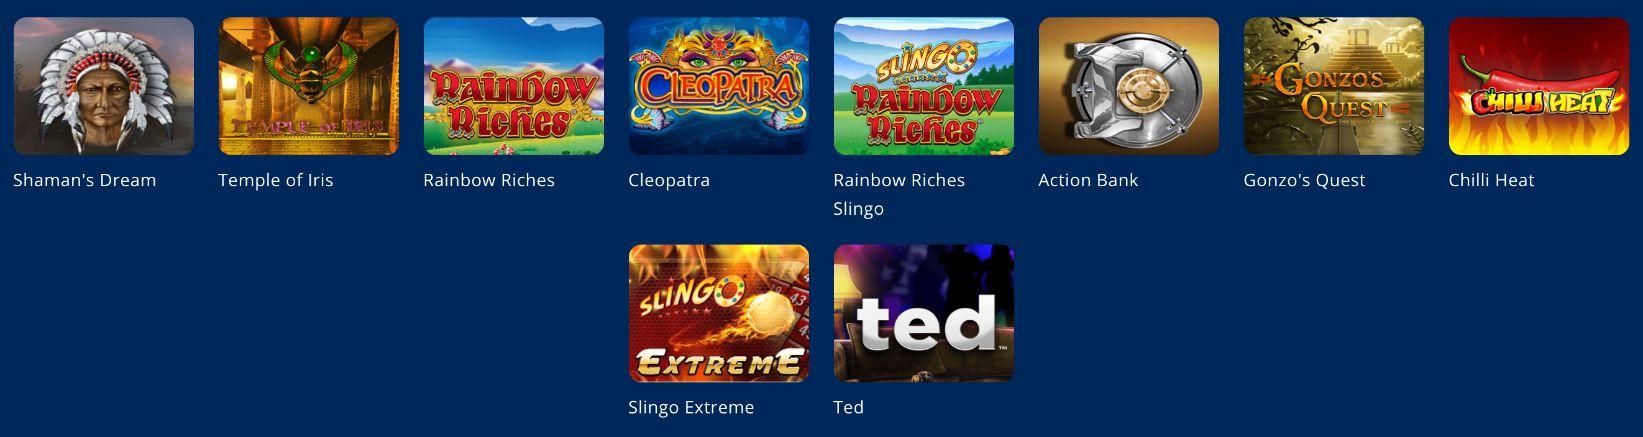 Bringo Bingo Best Slots Games